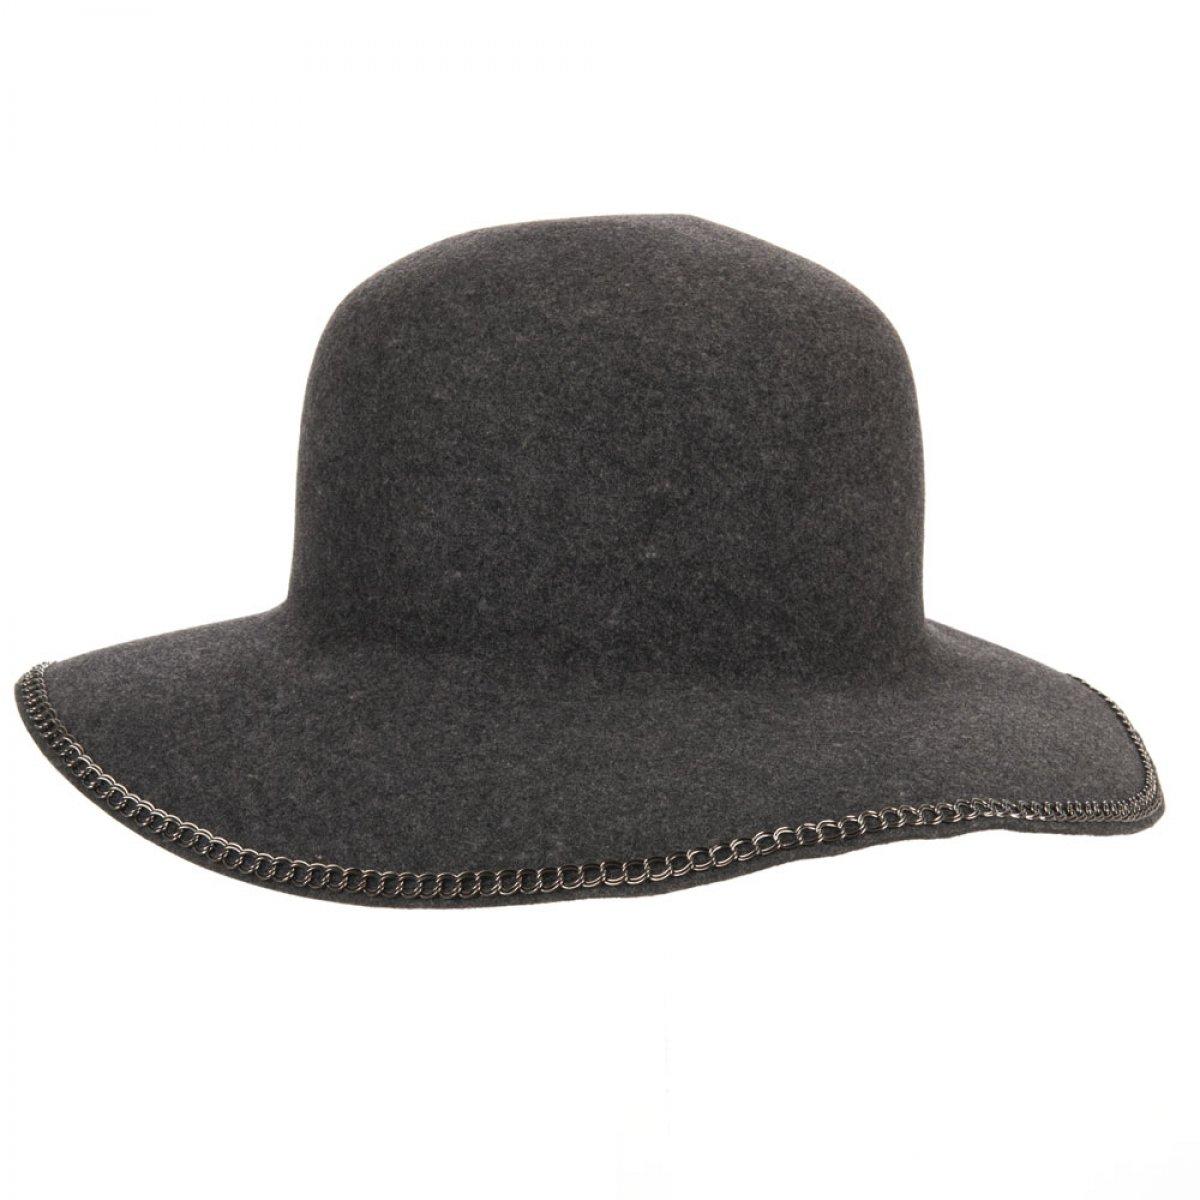 cappello in feltro lana da donna con tesa grande modello Pamela Wolga Soft  firmato Mayser 3f739519df36